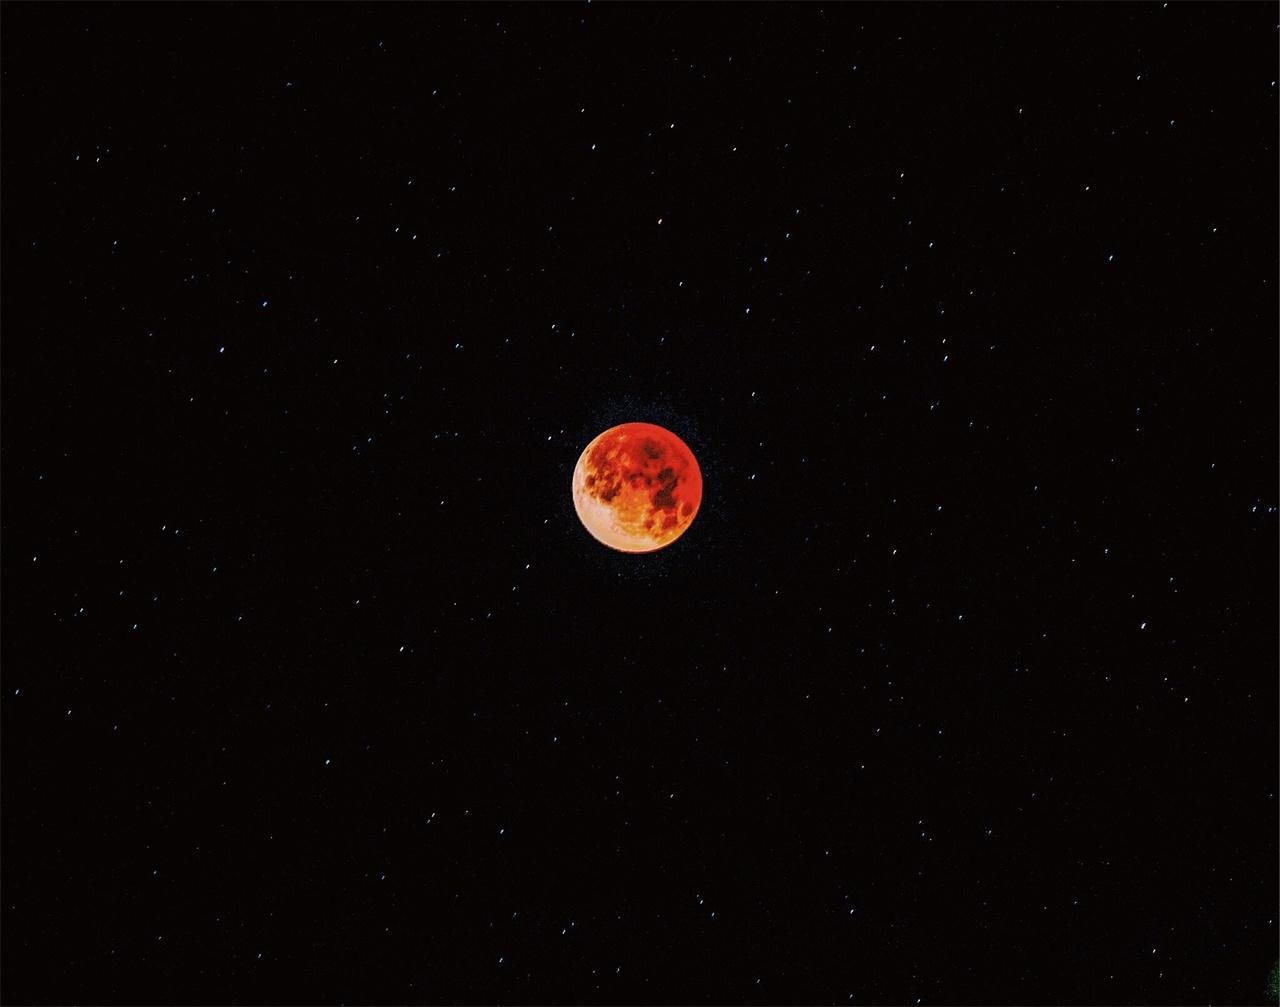 붉은달과 월경 이제 생리가 아닌 월경을 이야기해야 한다.